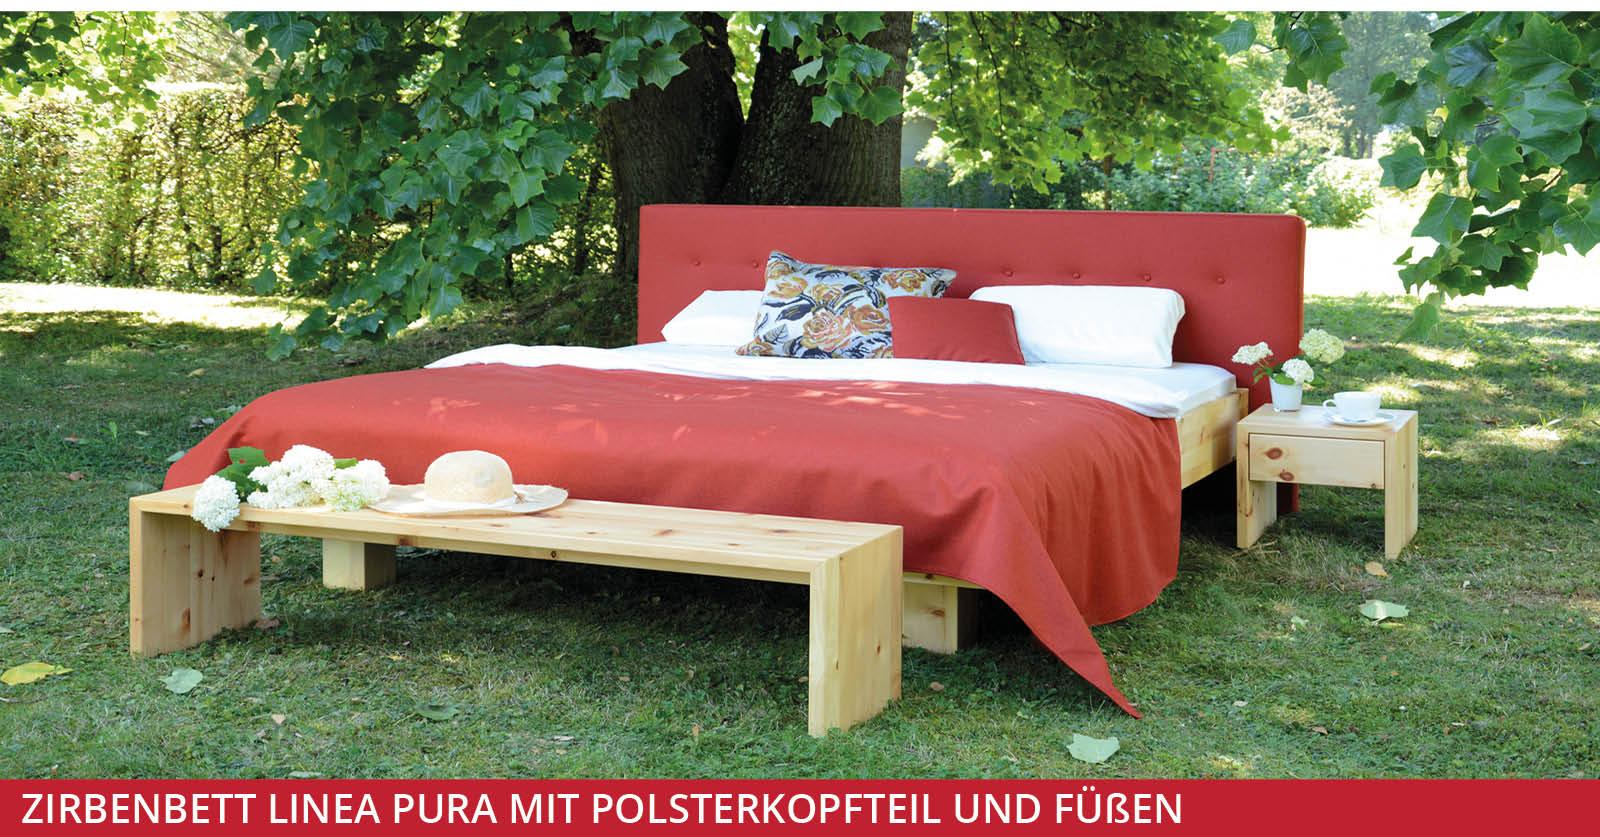 Zirbenbett-Linea-Pura-mit-Polsterkopfteil-und-Füßen-1